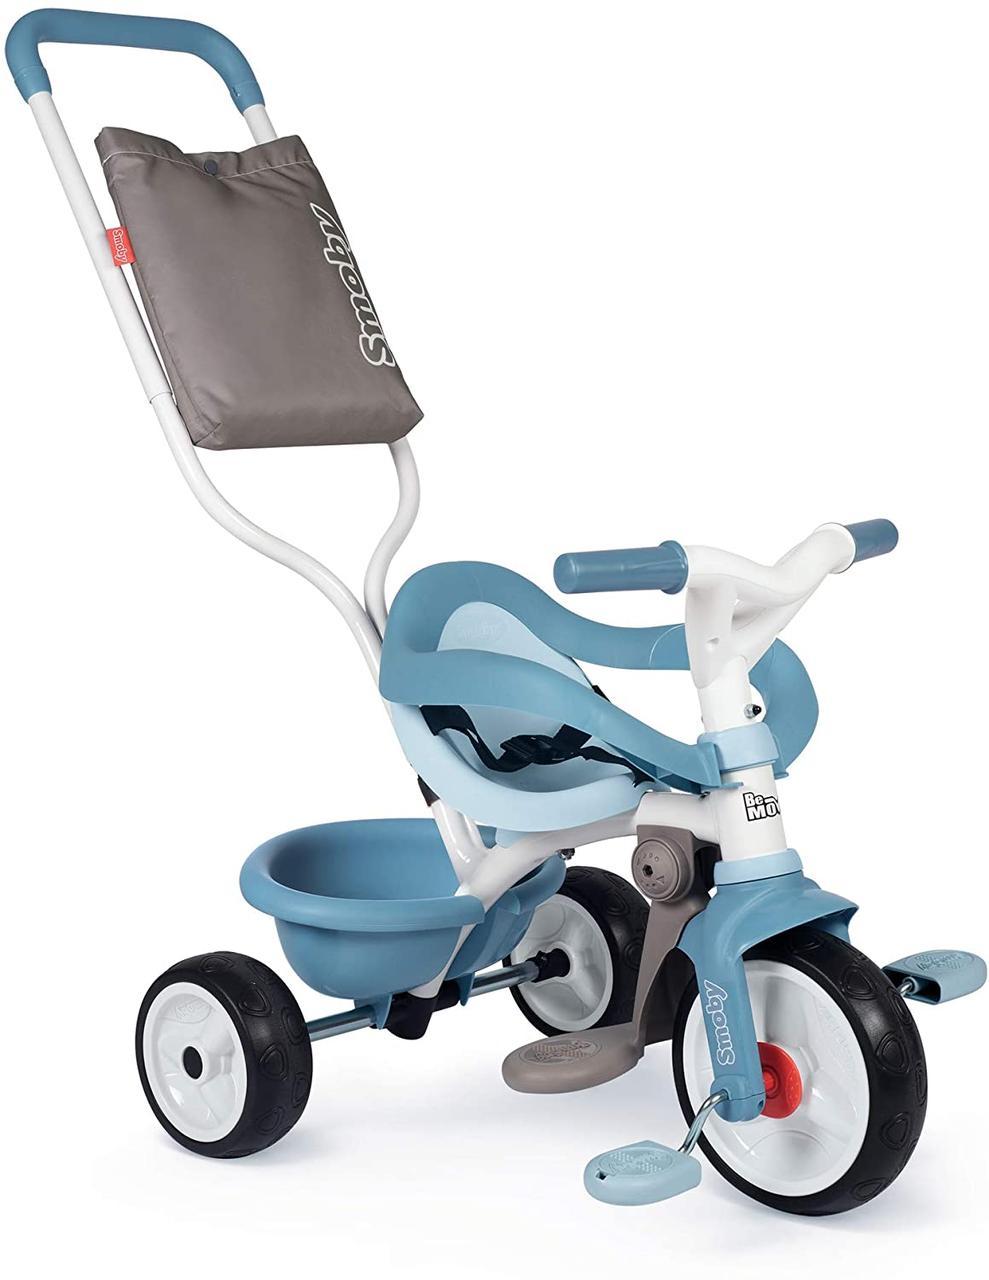 Дитячий велосипед з ручкою Smoby 2 в 1 Бі Муві блакитний Be Move Bleu 740414